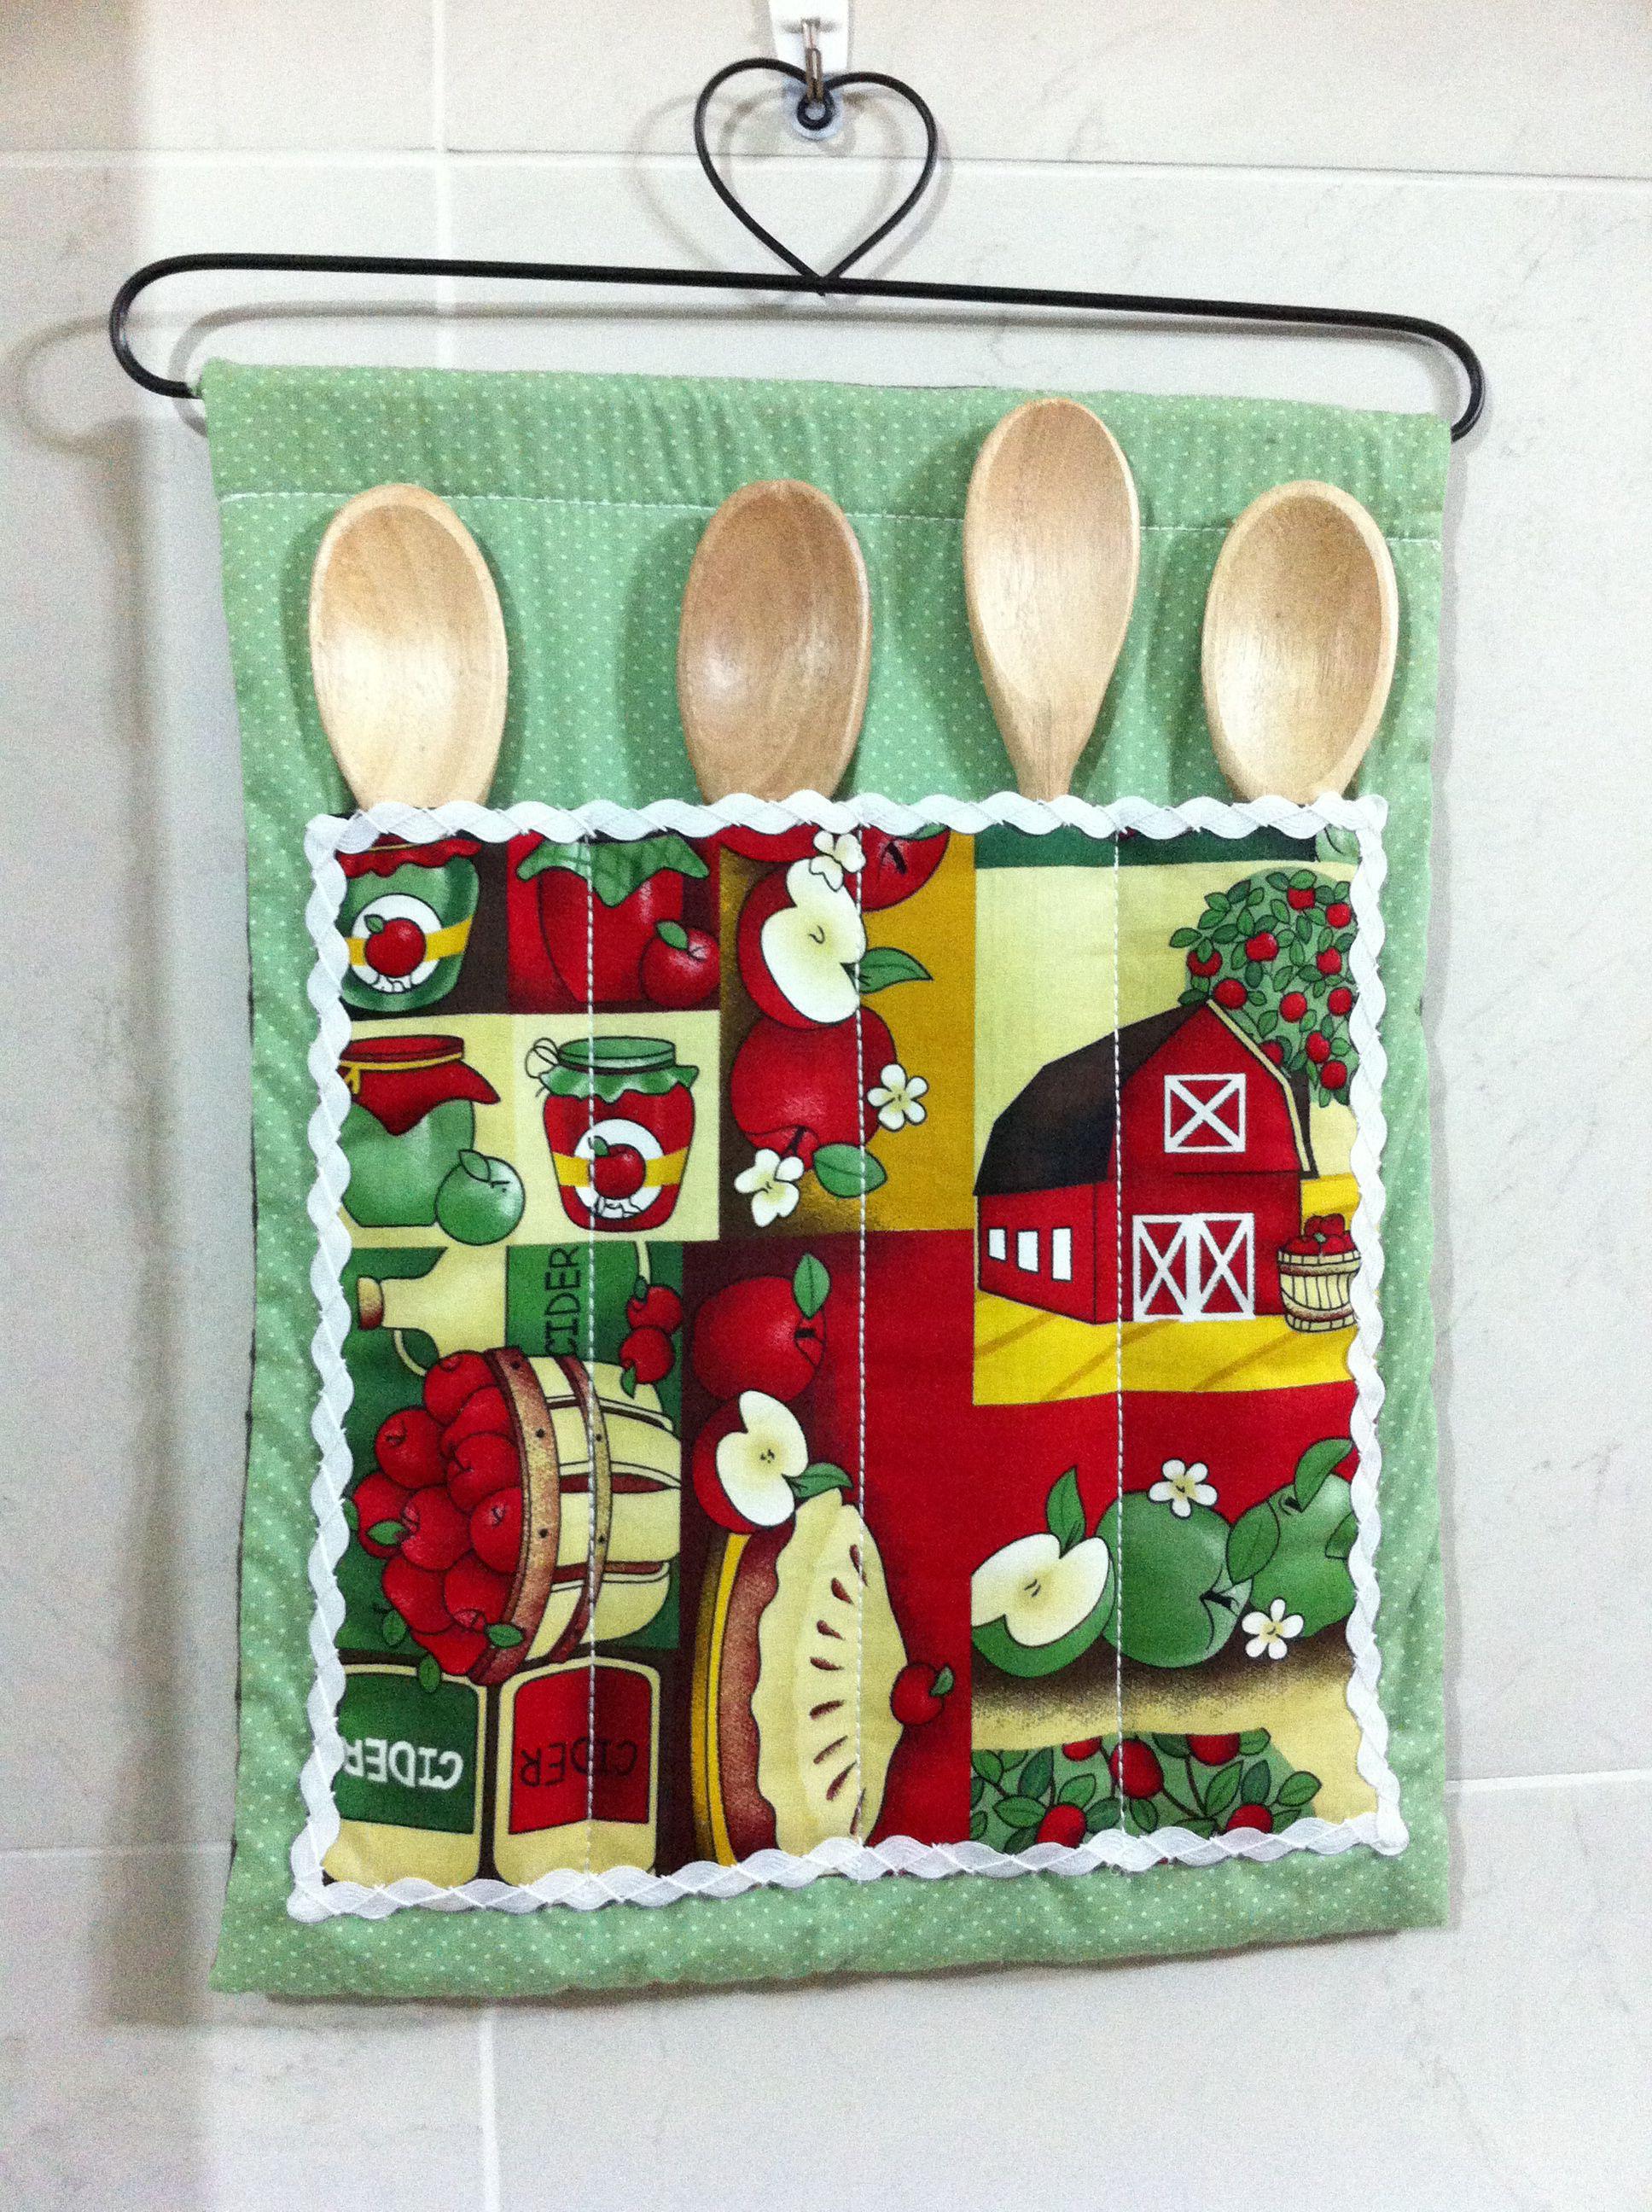 Porta colher de pau cocina pinterest costura for Porta cucharas cocina